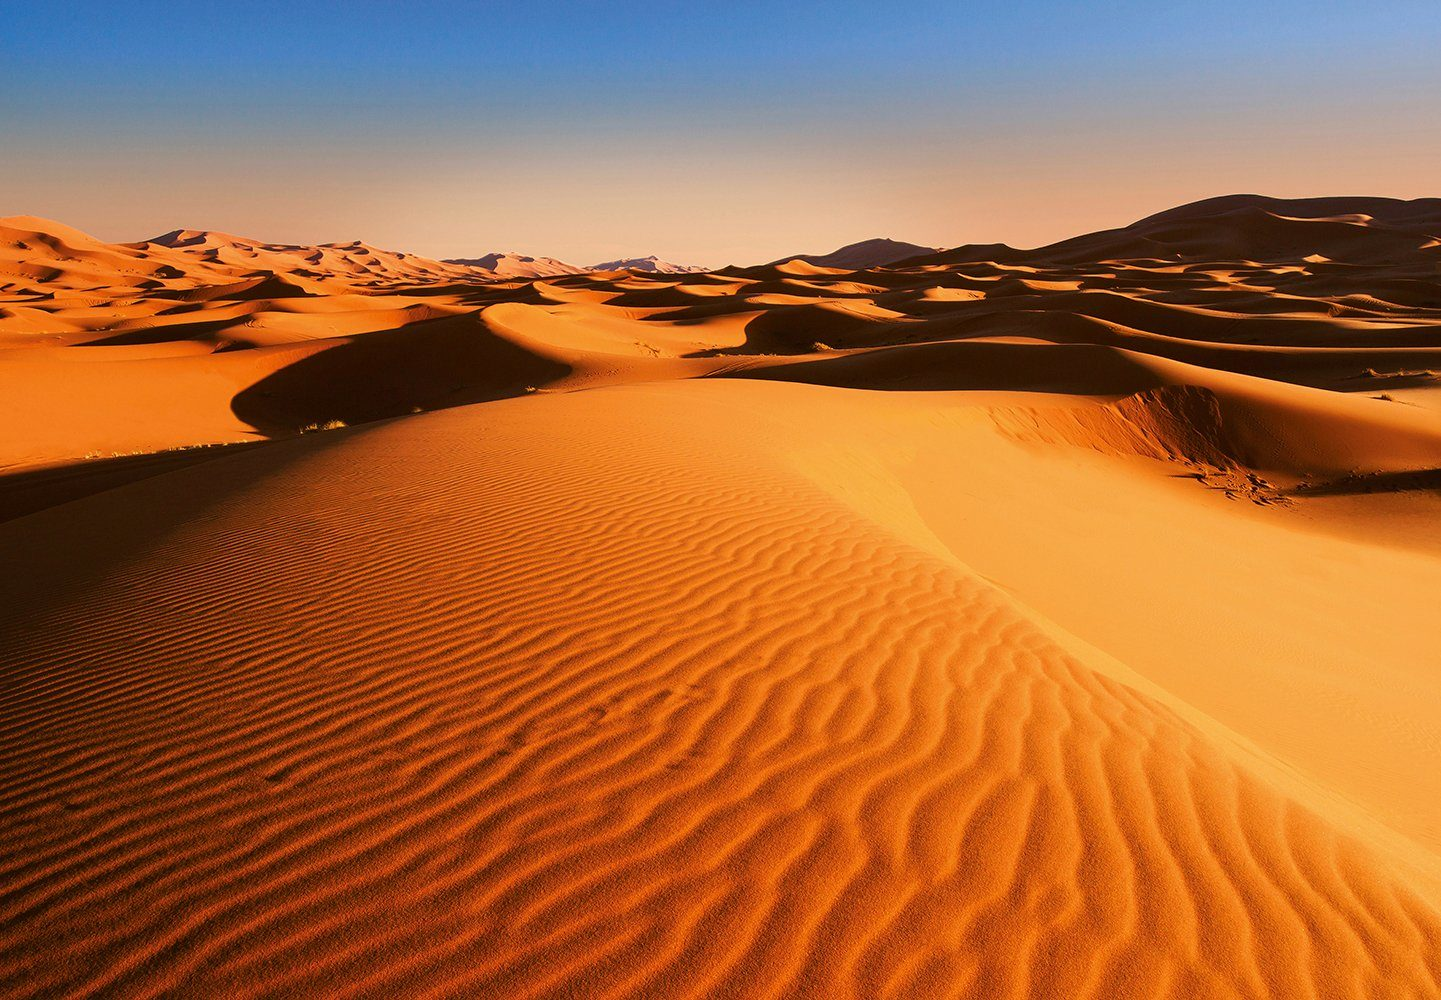 Vliestapete »Desert Landscape«, 366x254cm, 8-teilig